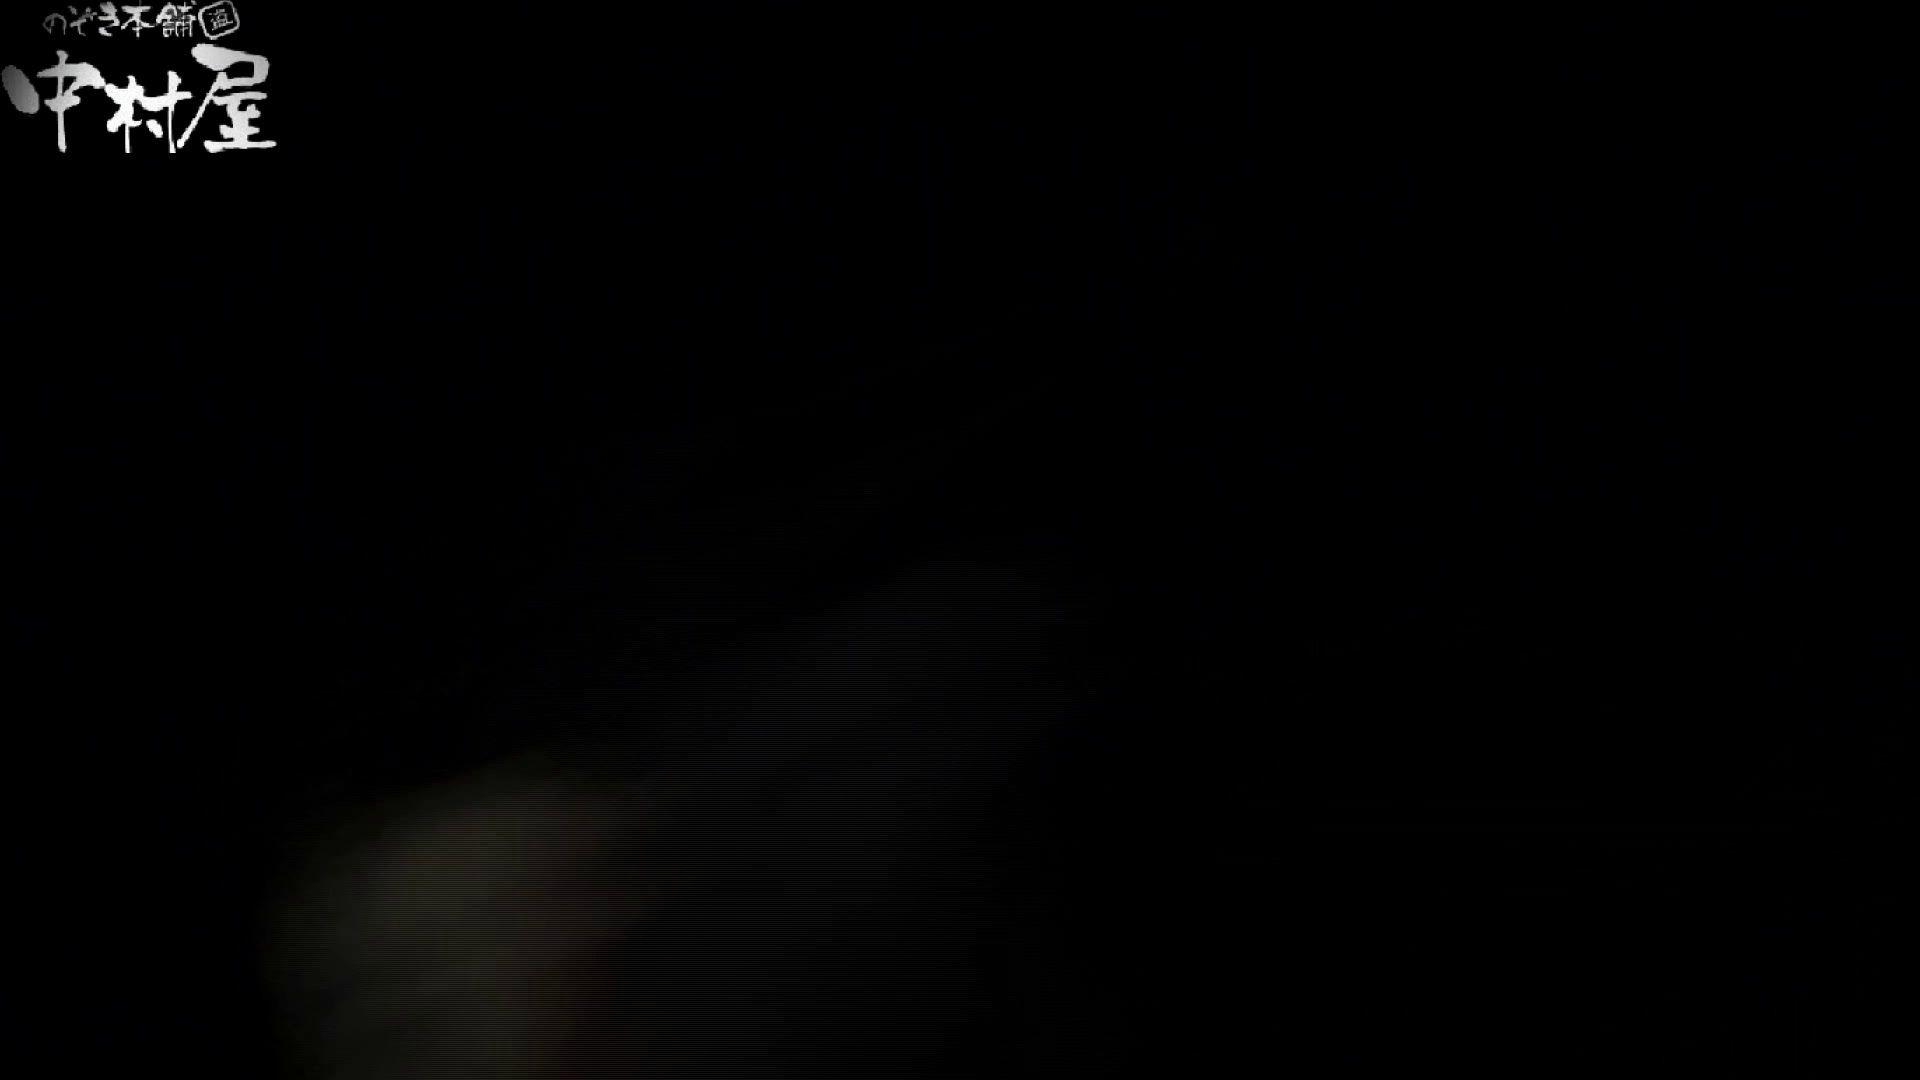 世界の射窓から vol.43 ソーニュー 前編 洗面所編  105PIX 72